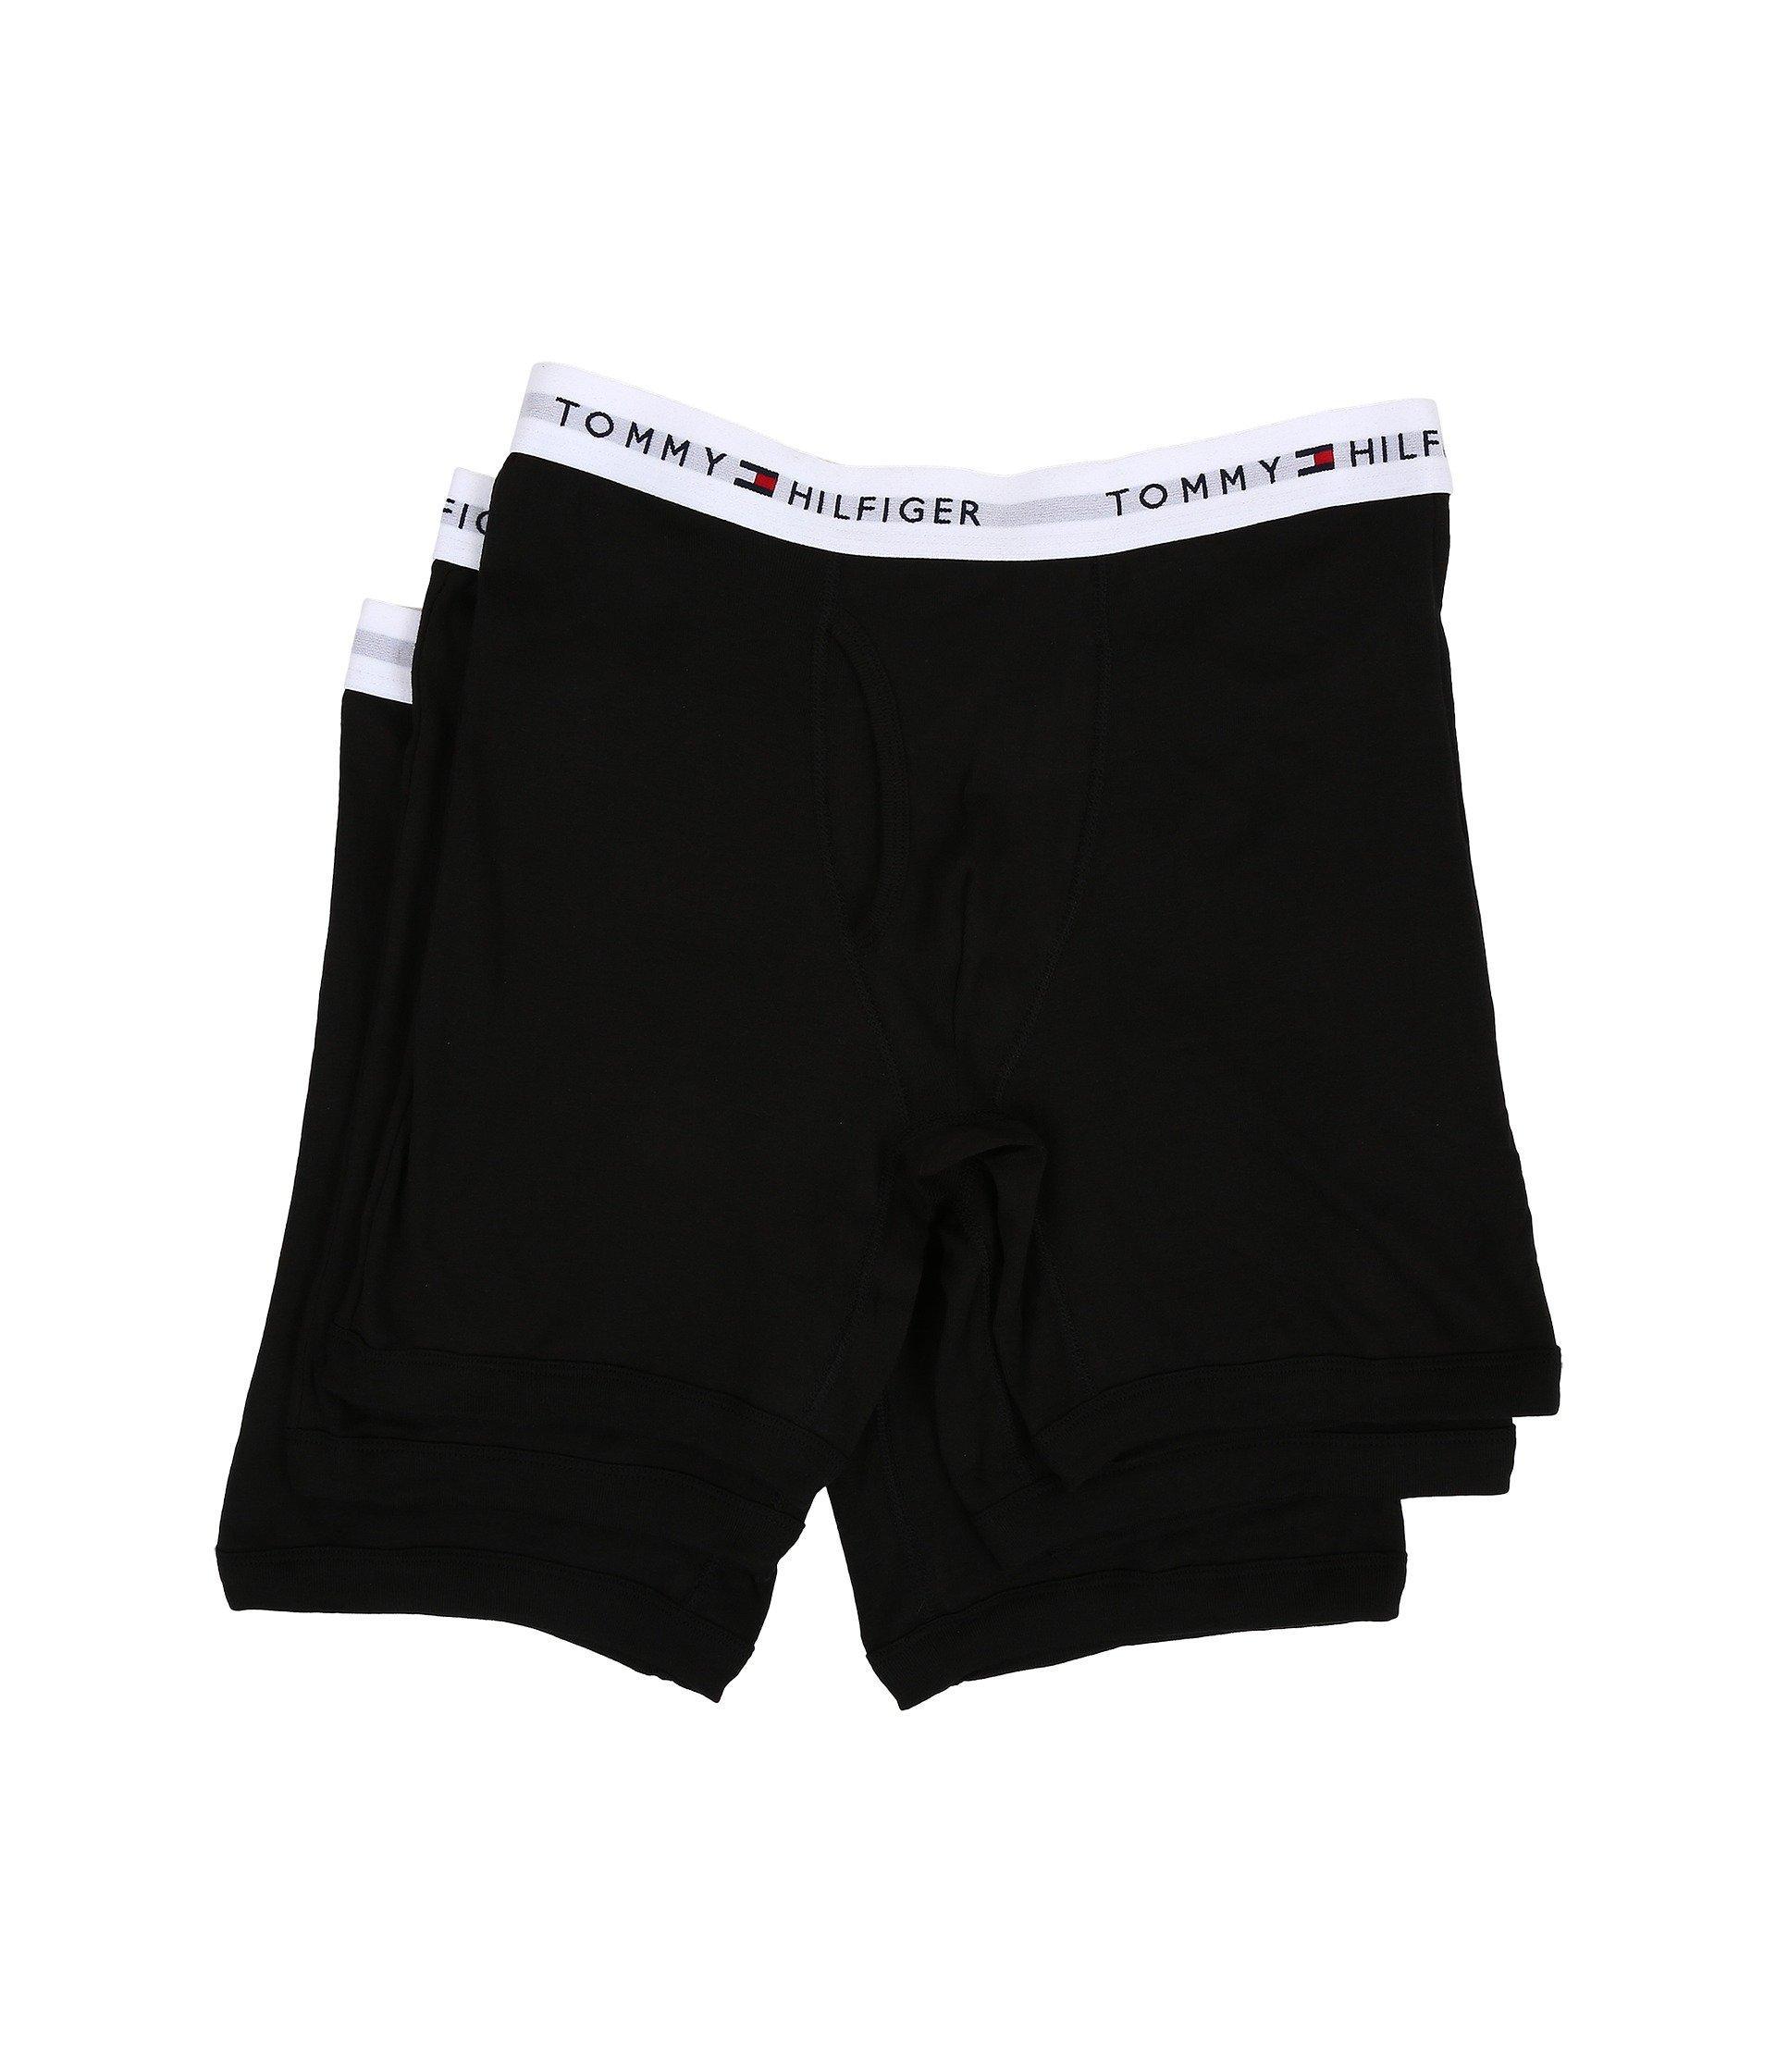 9e26163f9f7a Tommy Hilfiger. Black Cotton Boxer Brief 3-pack (caper) Men's Underwear